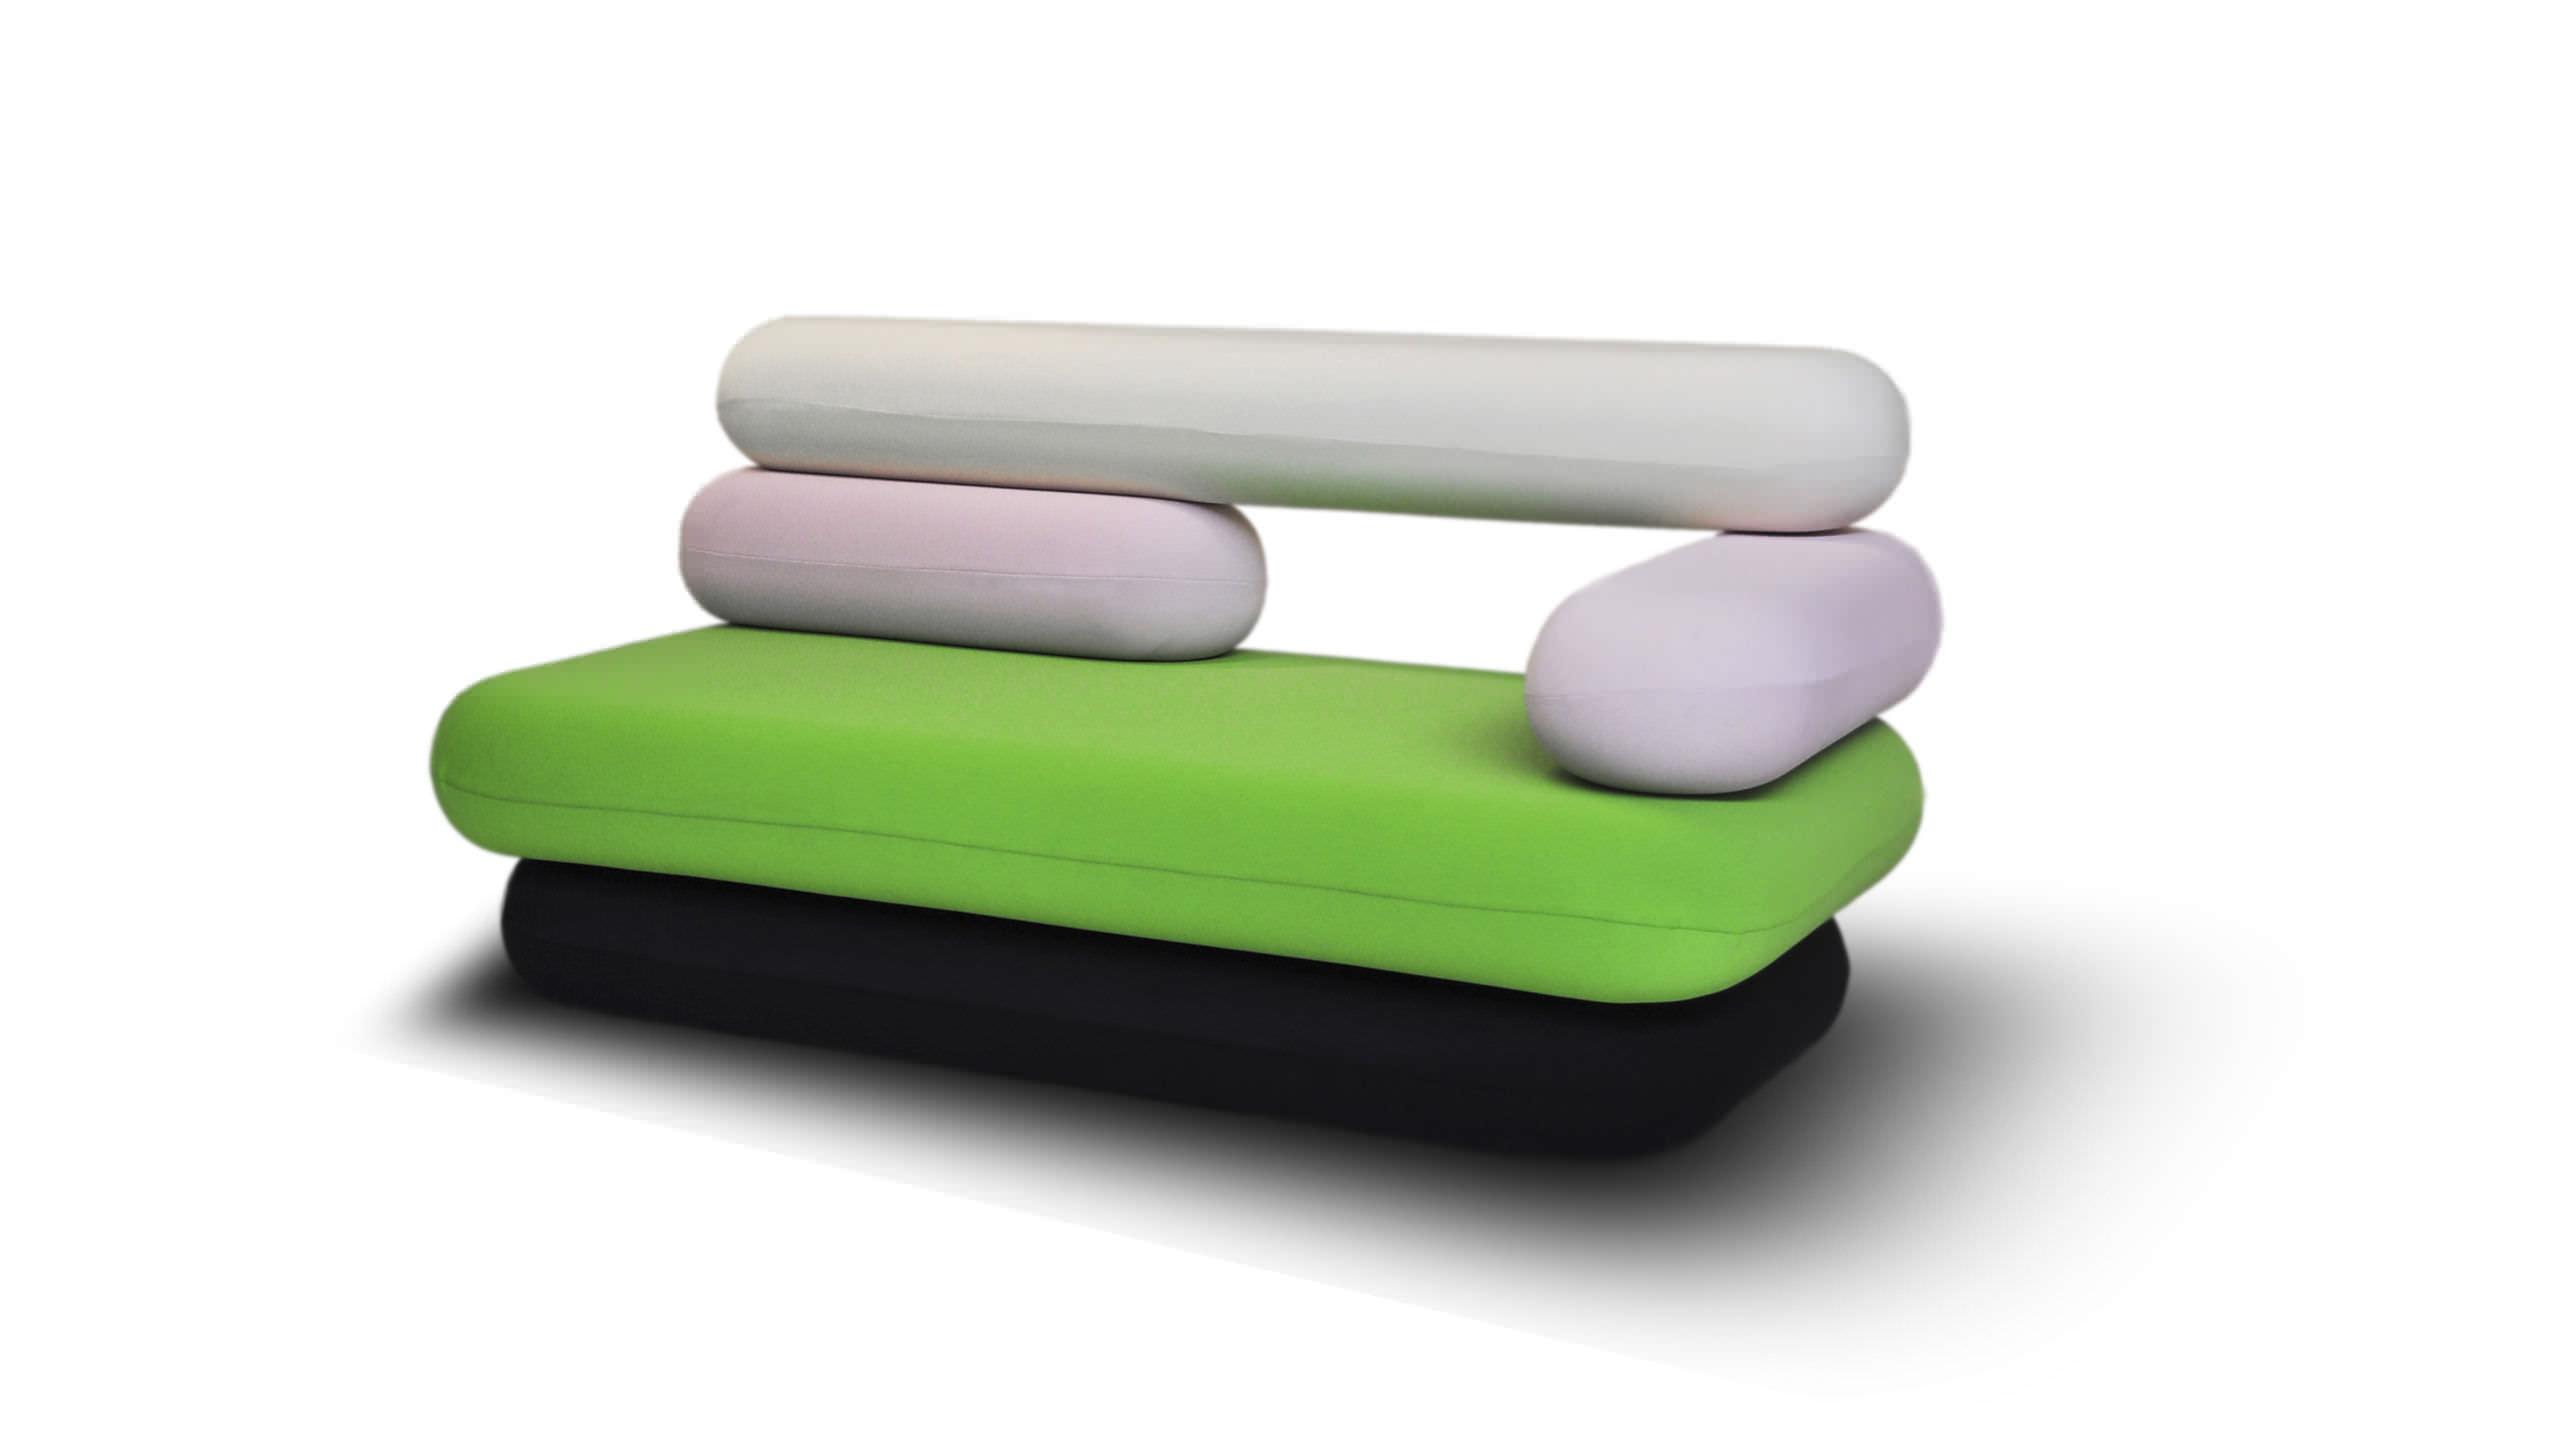 Karim Rashid Furniture Original Design Sofa Fabric By Karim Rashid 2 Seater Hot